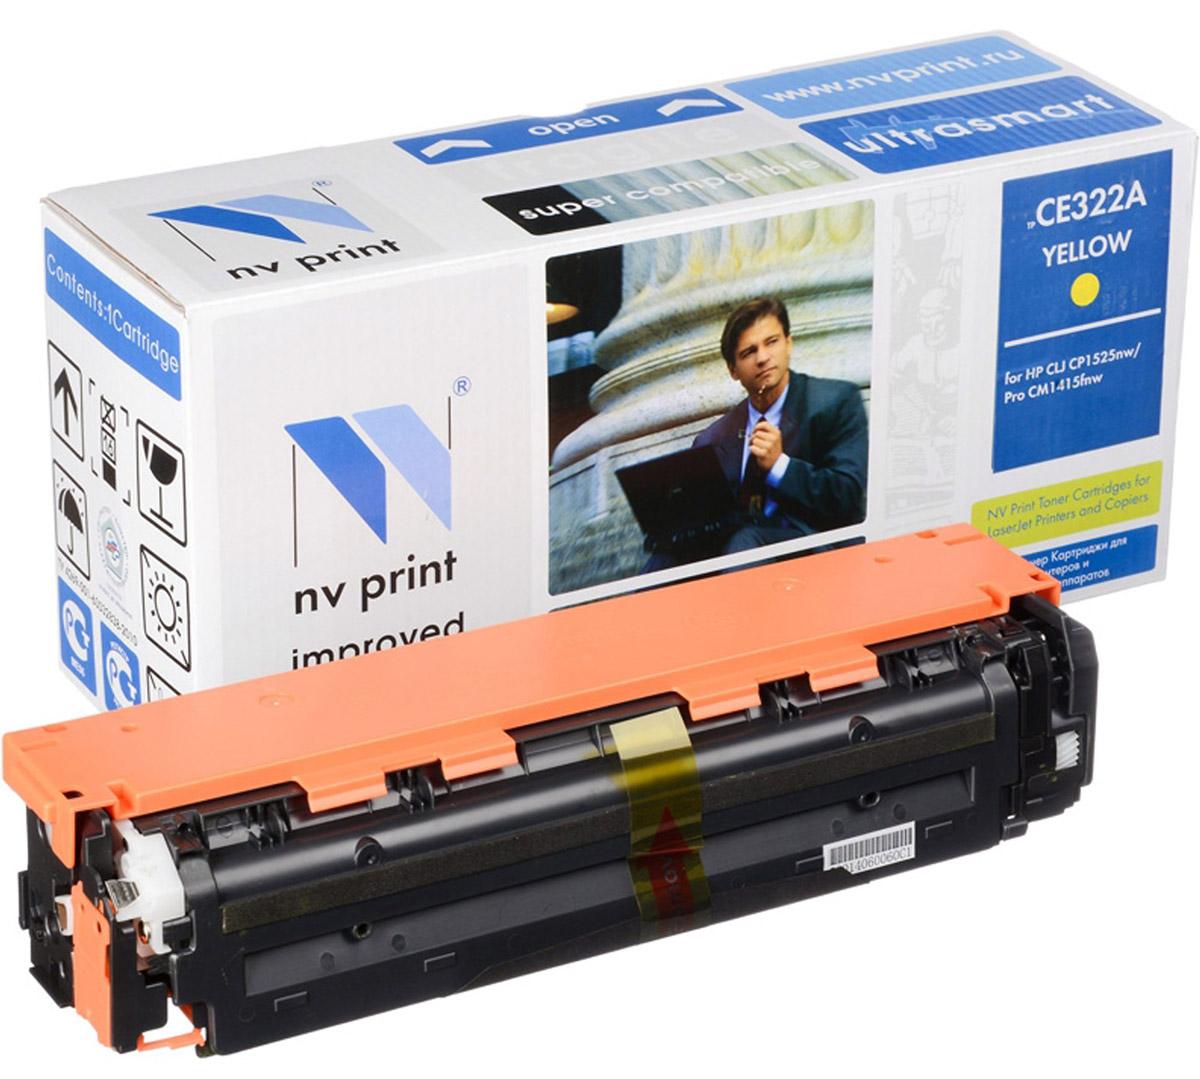 NV Print CE322AY, Yellow тонер-картридж для HP Color LaserJet PRO CP1525N/CP1525NWNV-CE322AYСовместимый лазерный картридж NV Print CE322AY для печатающих устройств HP - это альтернатива приобретению оригинальных расходных материалов. При этом качество печати остается высоким. Картридж обеспечивает повышенную четкость изображения и плавность переходов оттенков и полутонов, позволяют отображать мельчайшие детали изображения. Лазерные принтеры, копировальные аппараты и МФУ являются более выгодными в печати, чем струйные устройства, так как лазерных картриджей хватает на значительно большее количество отпечатков, чем обычных. Для печати в данном случае используются не чернила, а тонер.